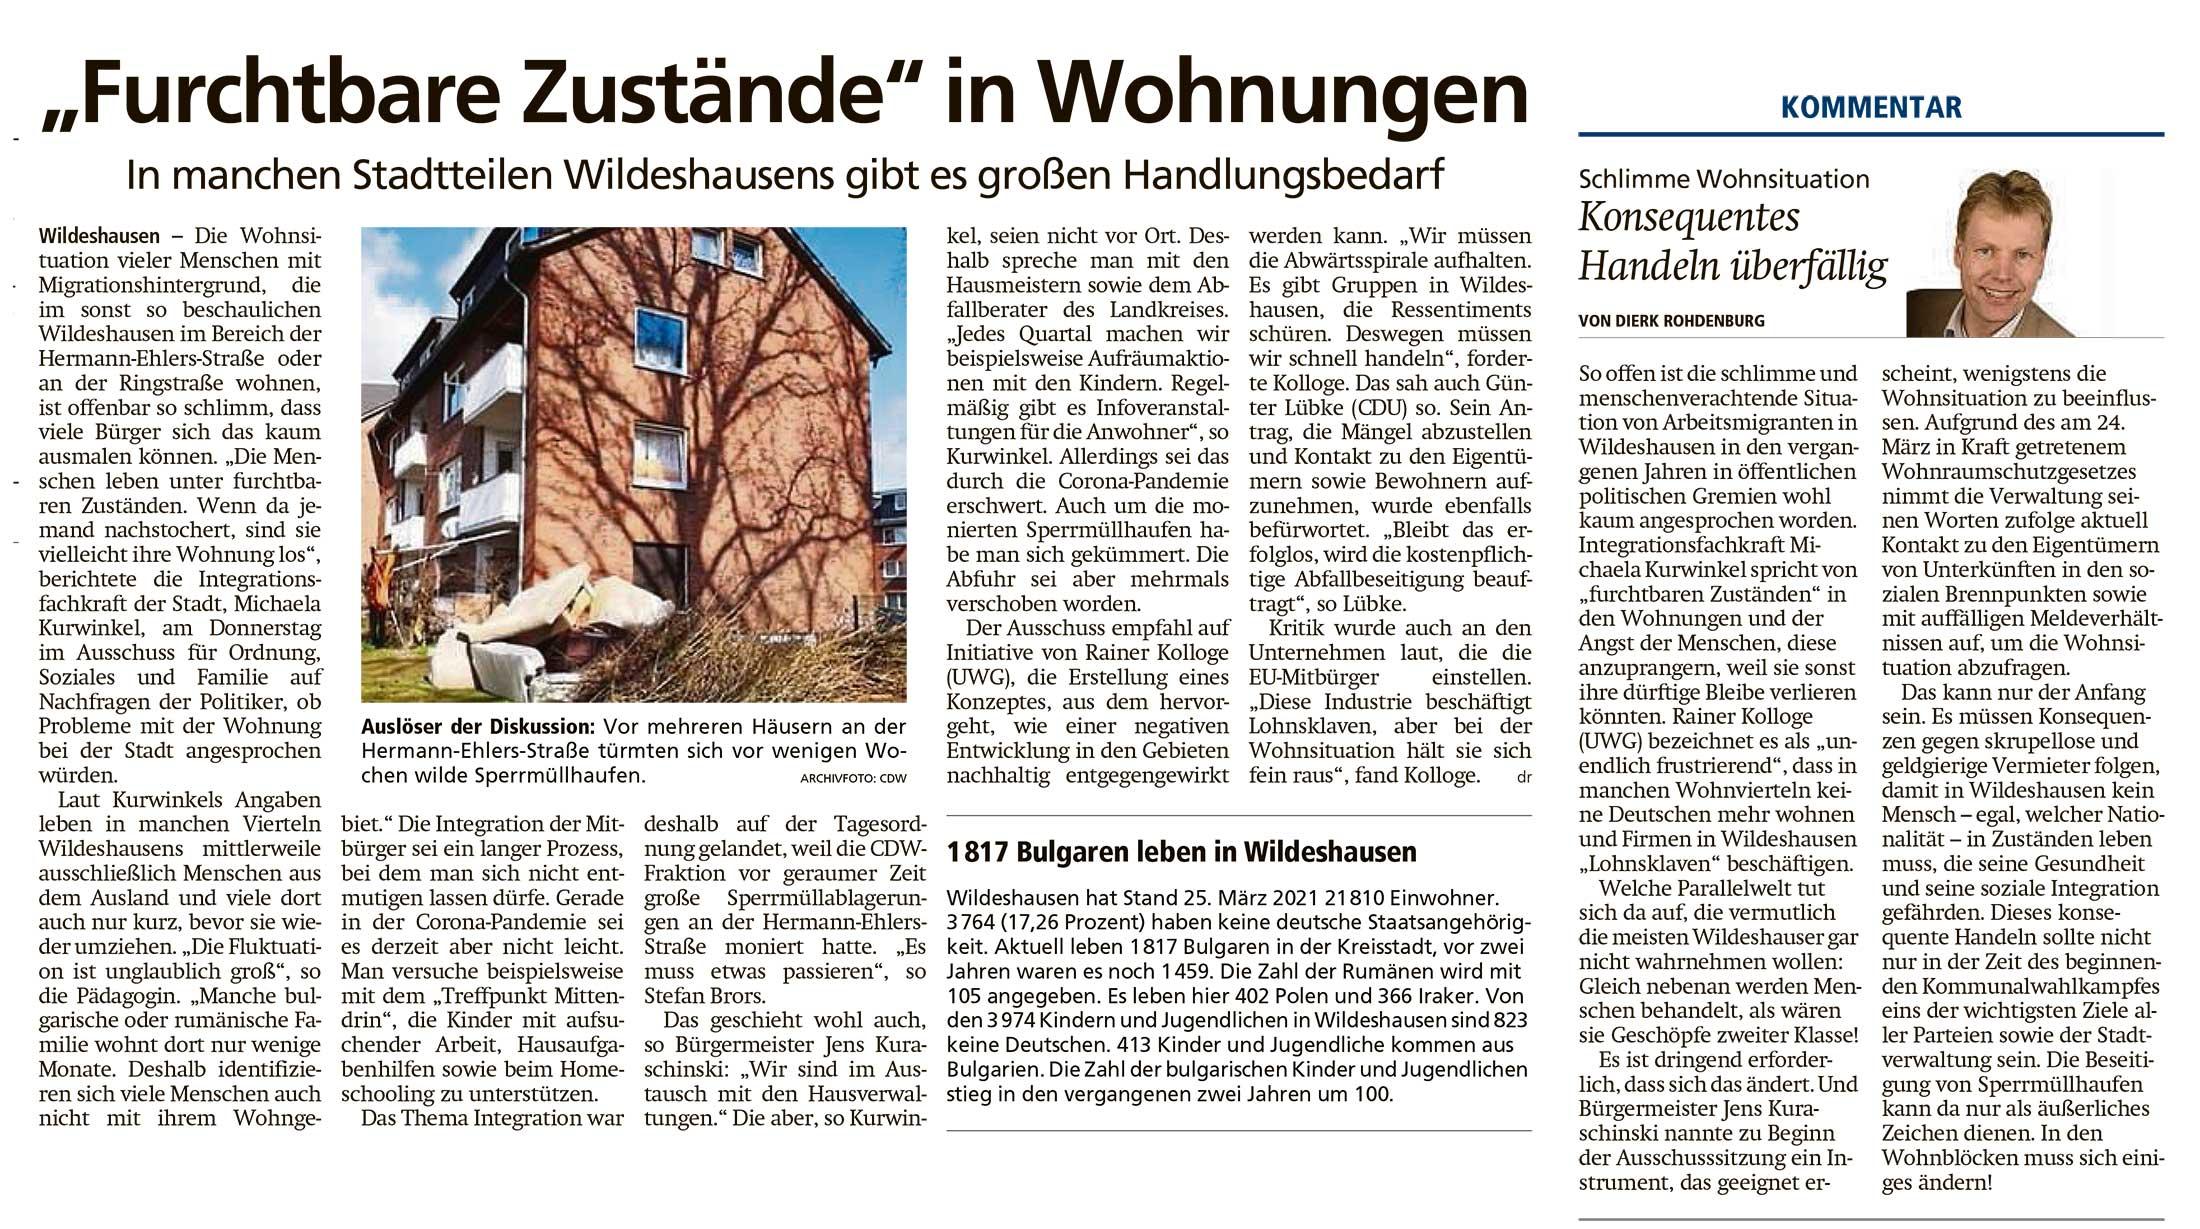 'Furchtbare Zustände' in WohnungenIn manchen Stadtteilen Wildeshausens gibt es großen Handlungsbedarf // Kommentar: Schlimme Wohnsituation: Konsequentes Handeln überfälligArtikel vom 03.05.2021 (WZ)